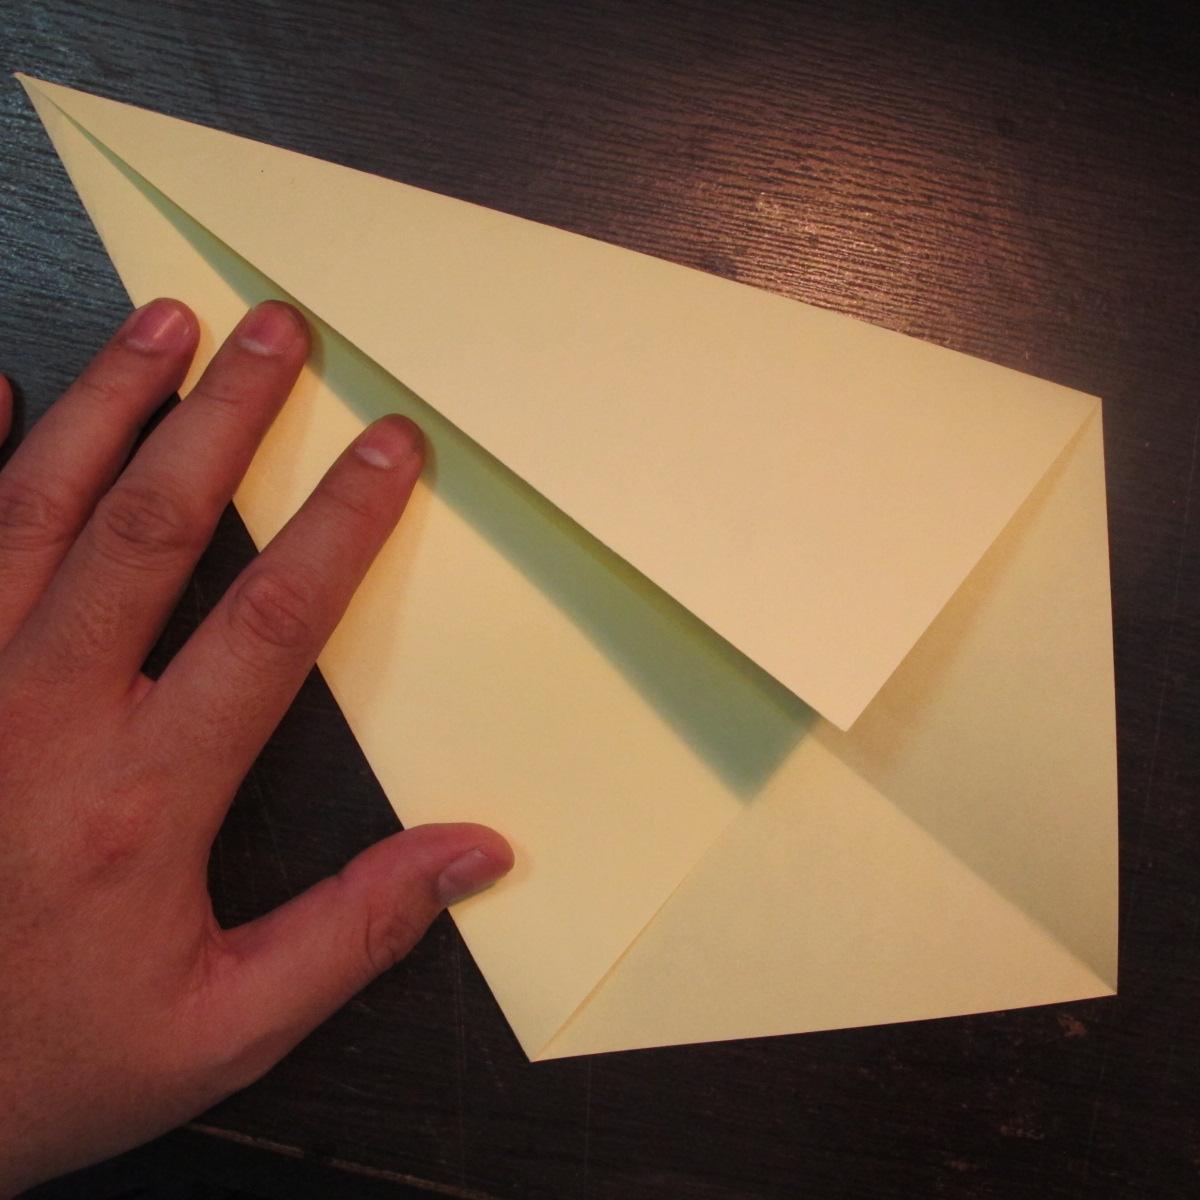 วิธีการพับกระดาษเป็นรูปหงส์ 002